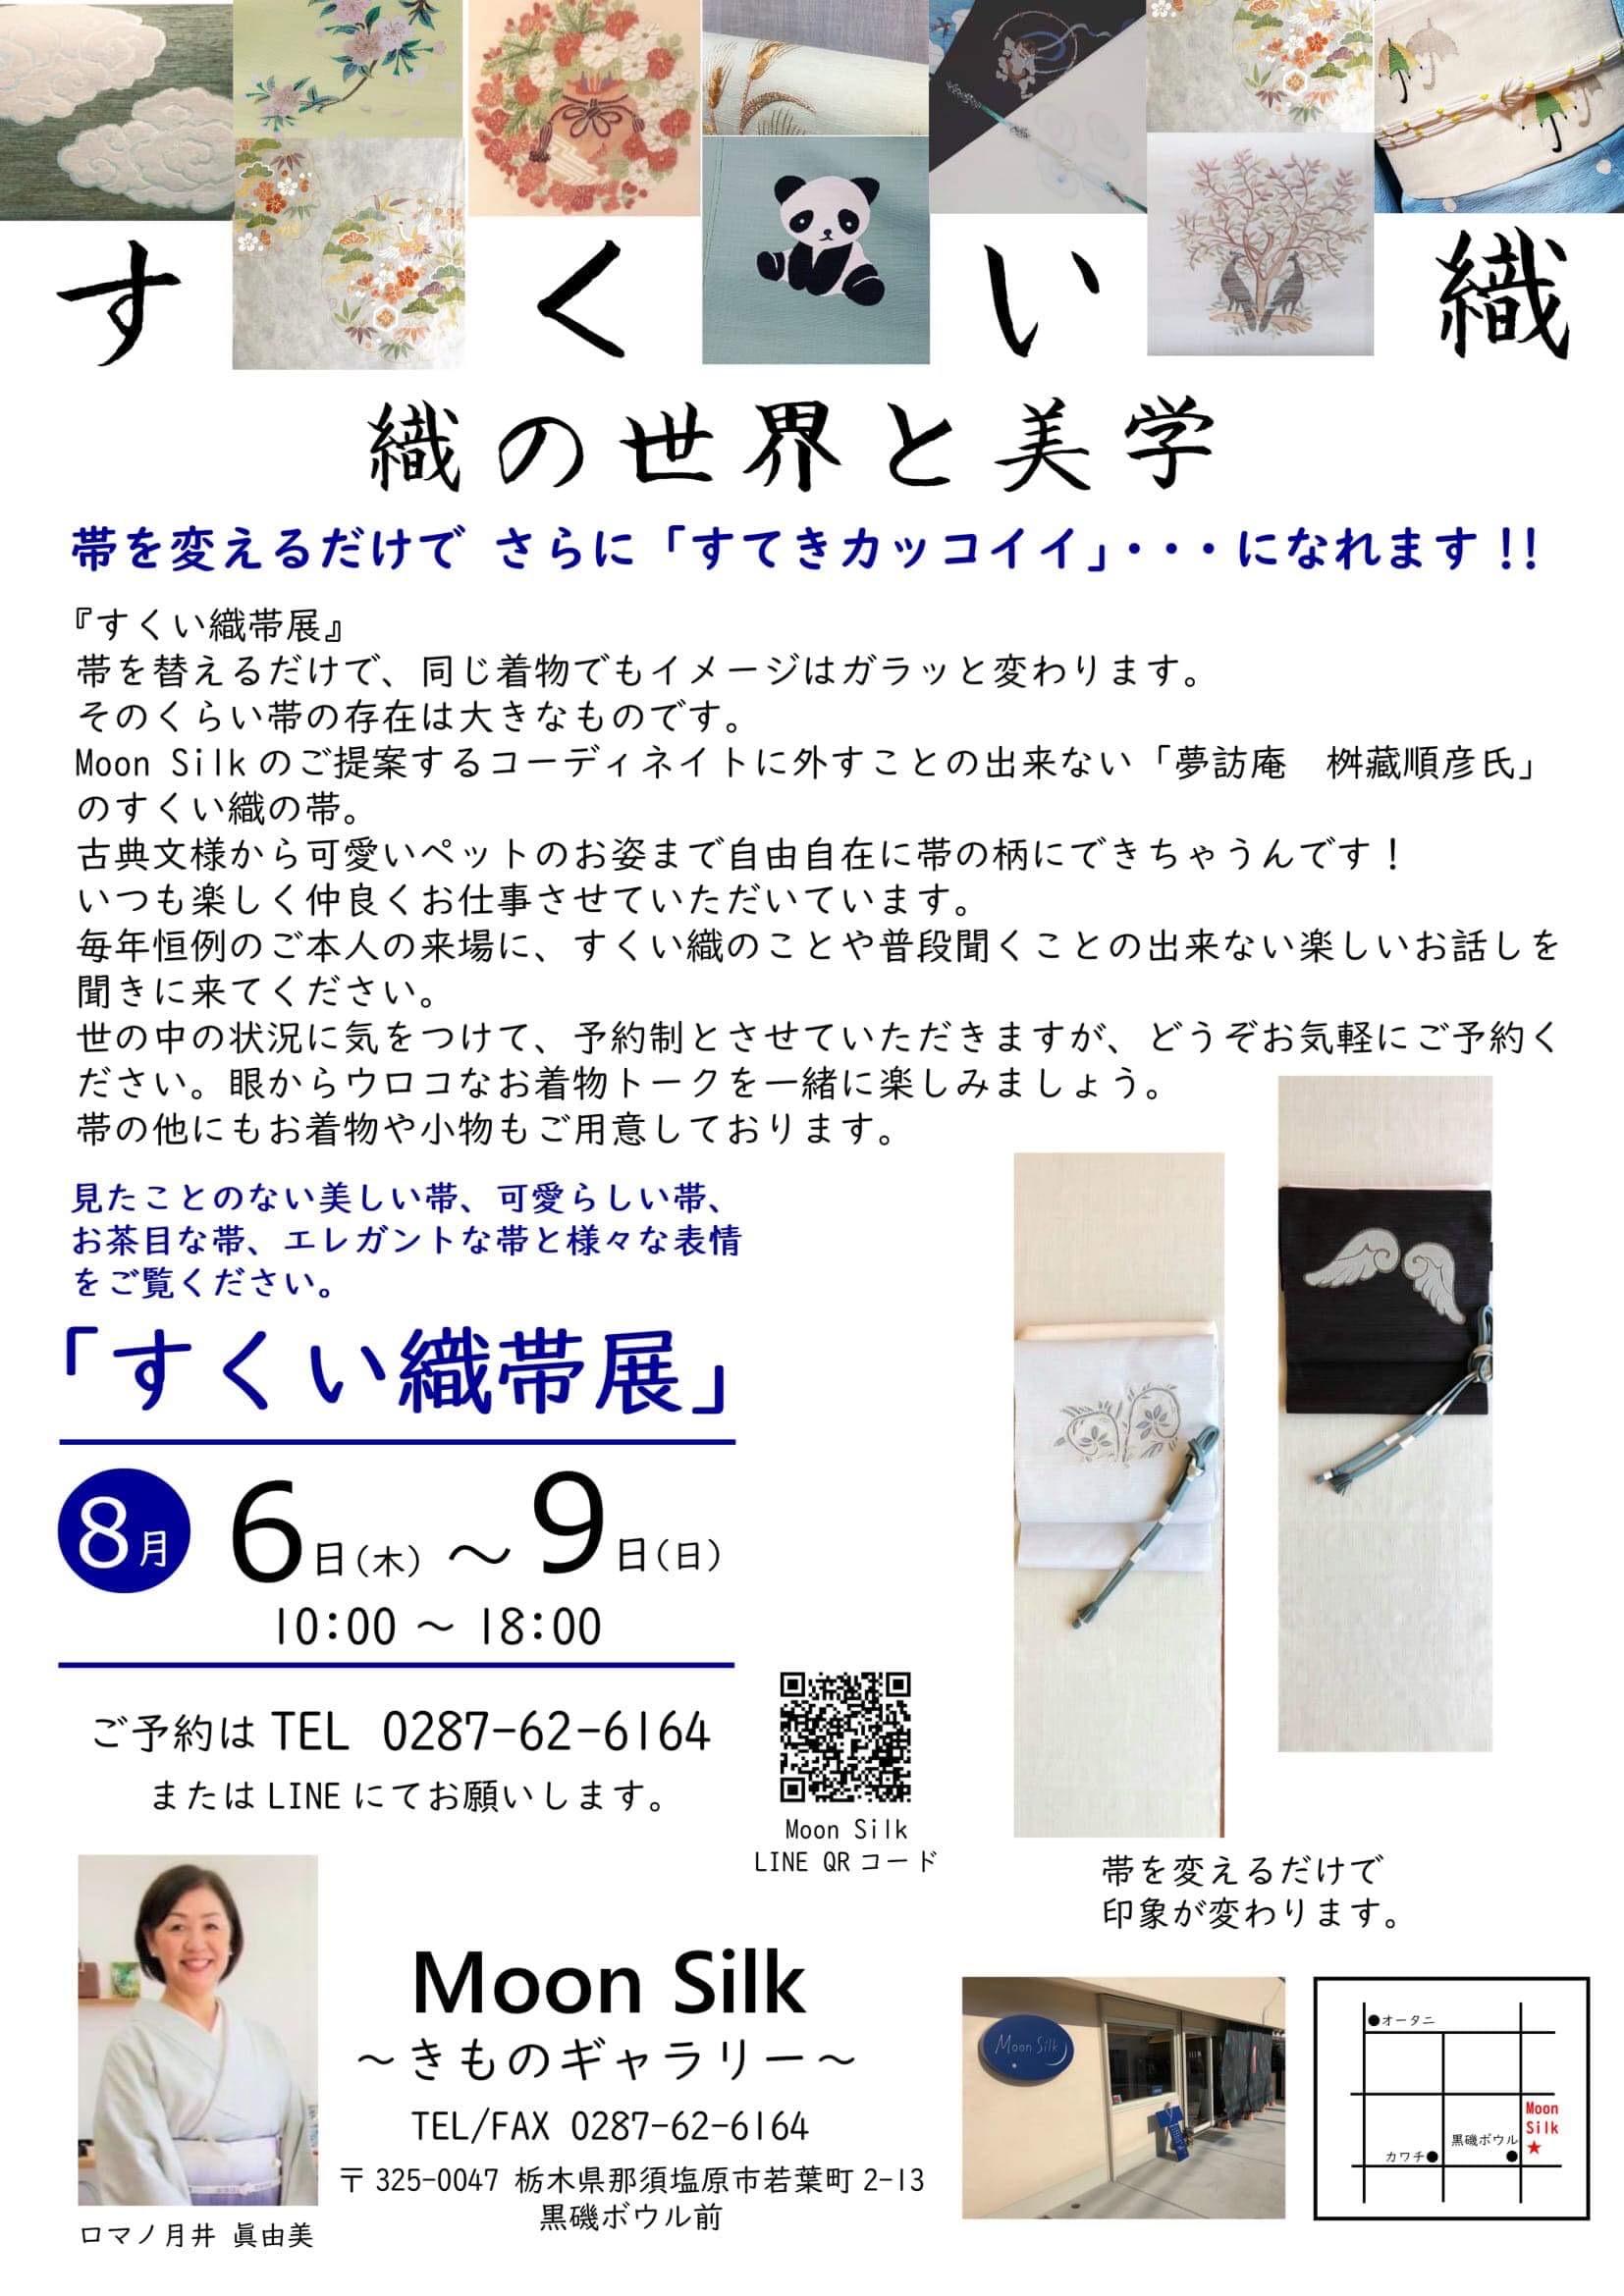 8月 イベントのお知らせ!!